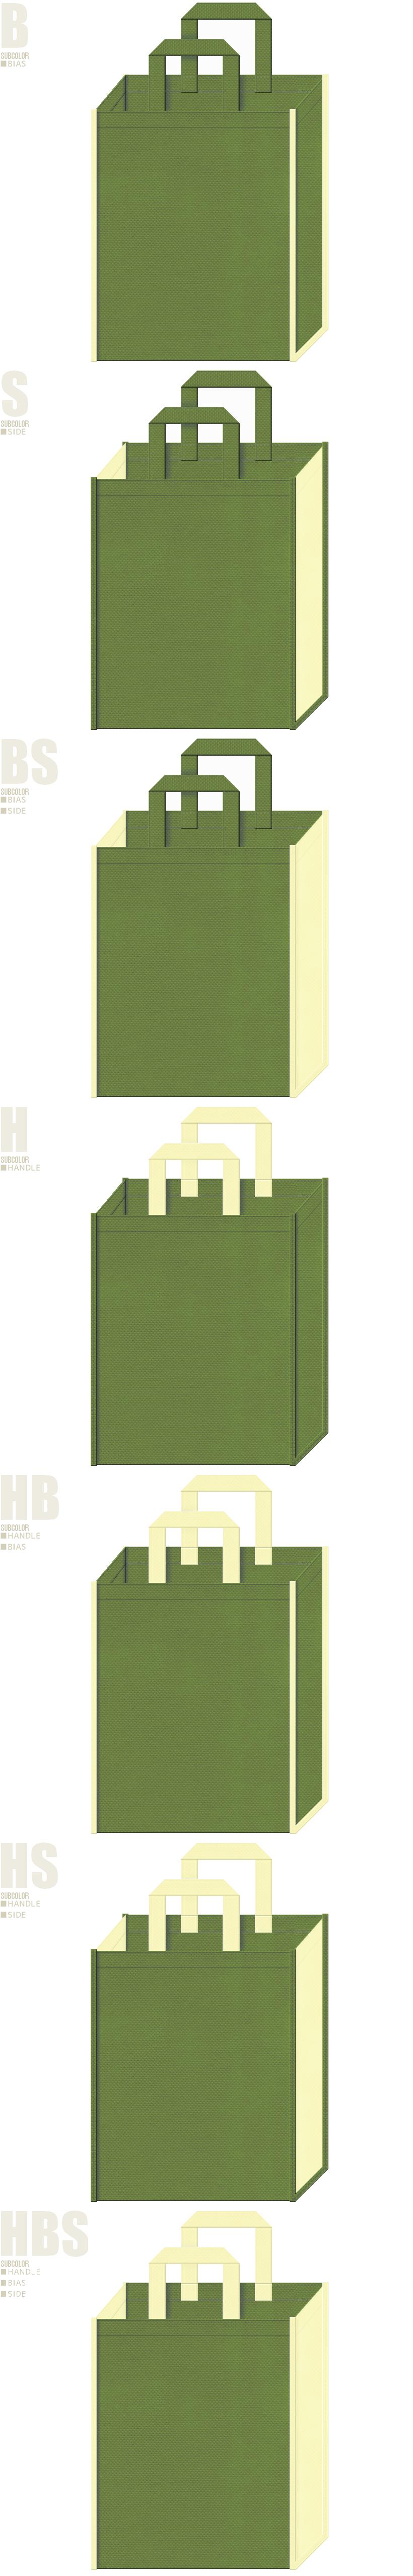 絵本・むかし話・影絵・お城・お月見・月光・和紙・照明器具の展示会用バッグにお奨めの不織布バッグデザイン:草色と薄黄色の不織布バッグ配色7パターン。